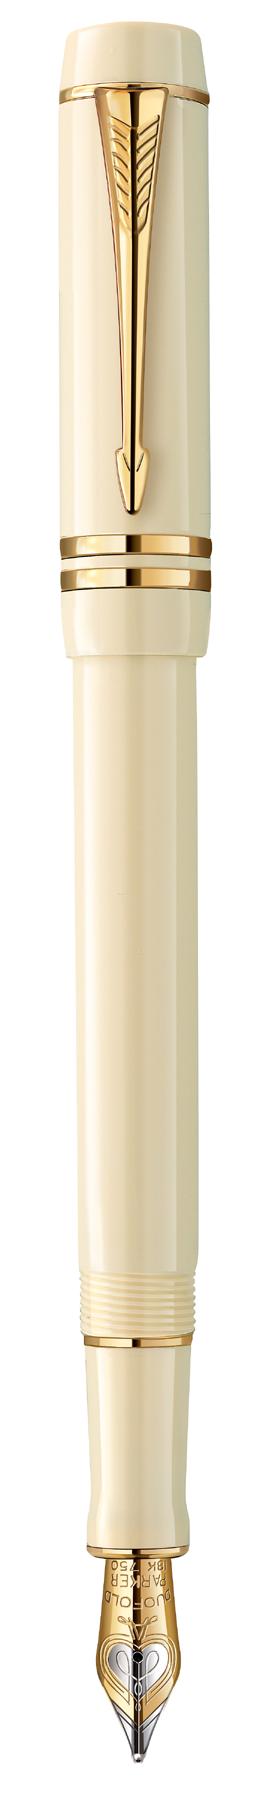 Bút máy Parker Duofold 14 Centennial Ivory cài vàng